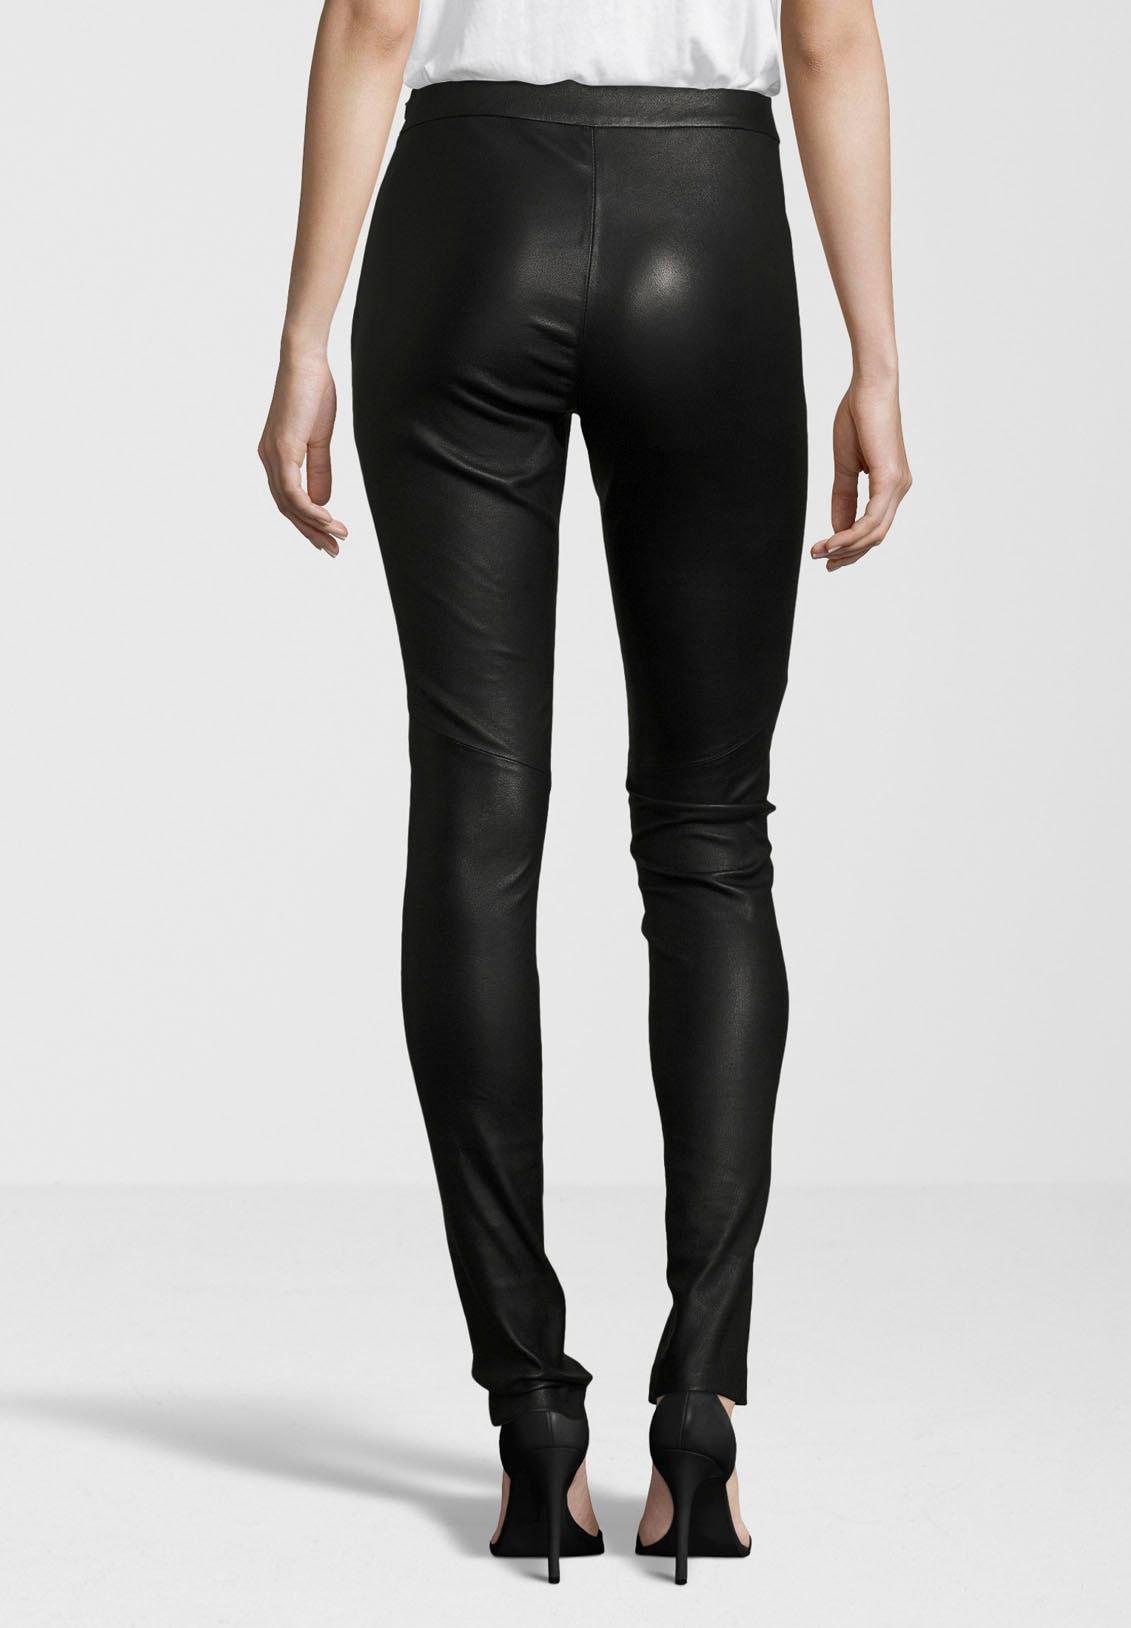 gipsy -  Lederhose Alara, hochwertige Leder-Leggings mit seitlichem Reißverschluss am Bund